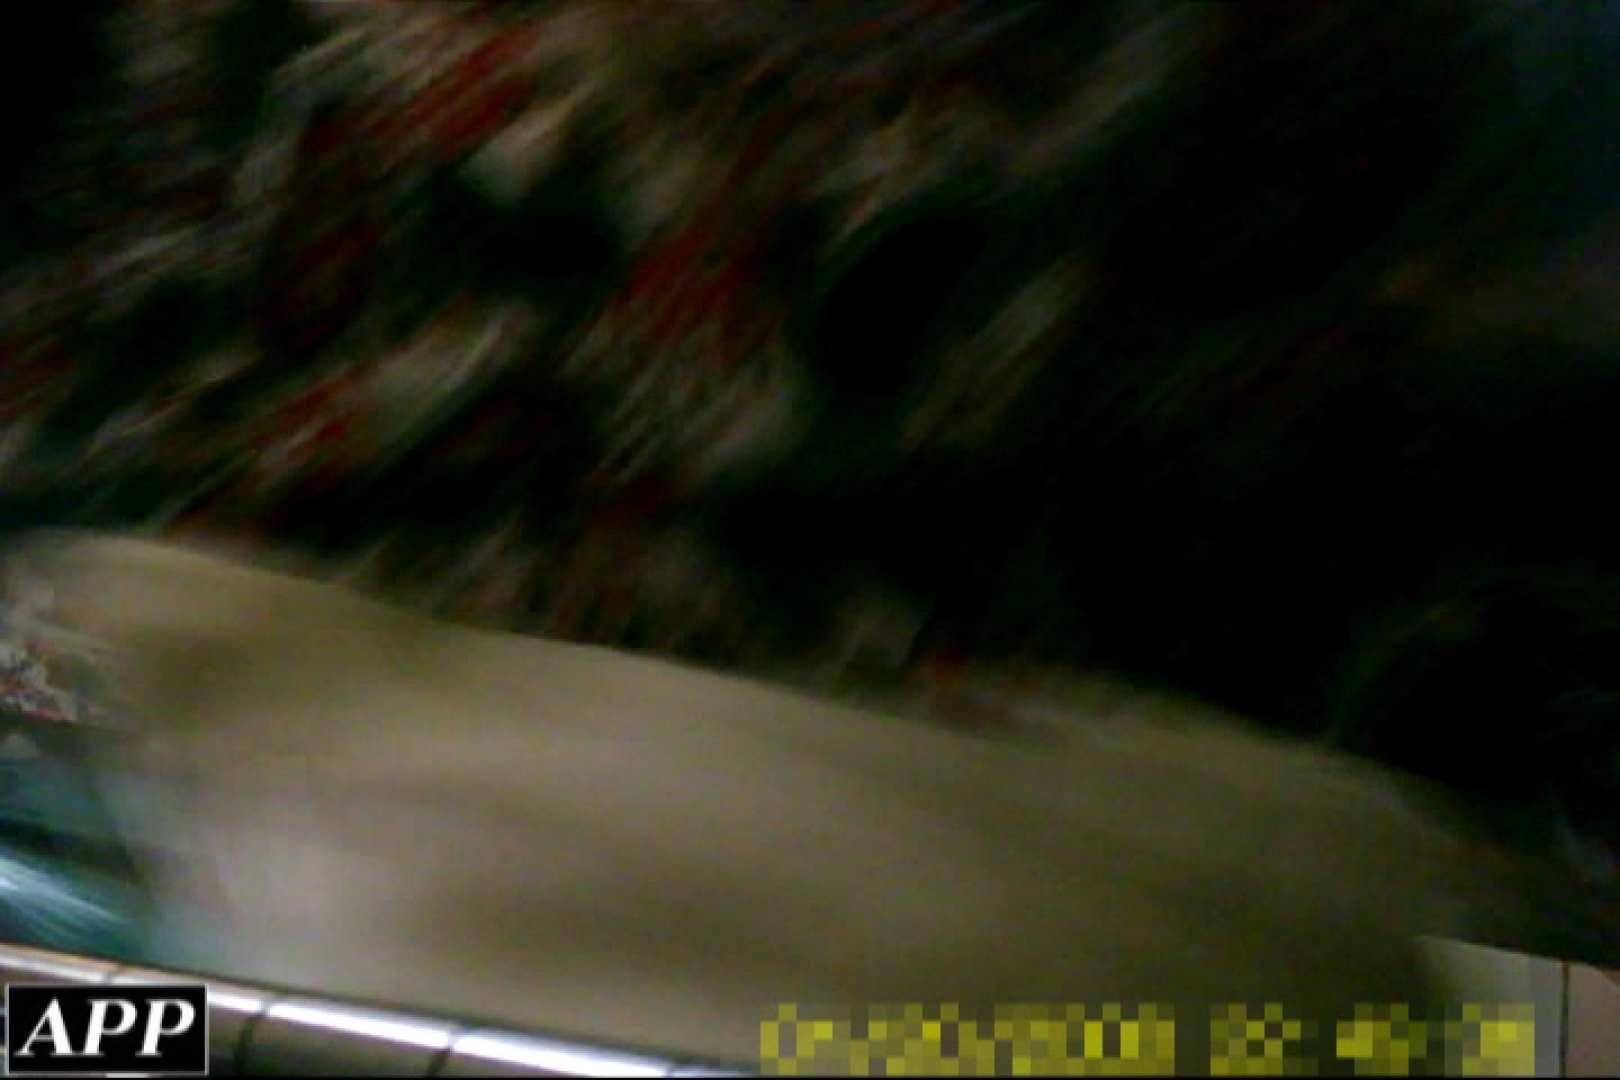 3視点洗面所 vol.138 マンコエロすぎ われめAV動画紹介 112PIX 82